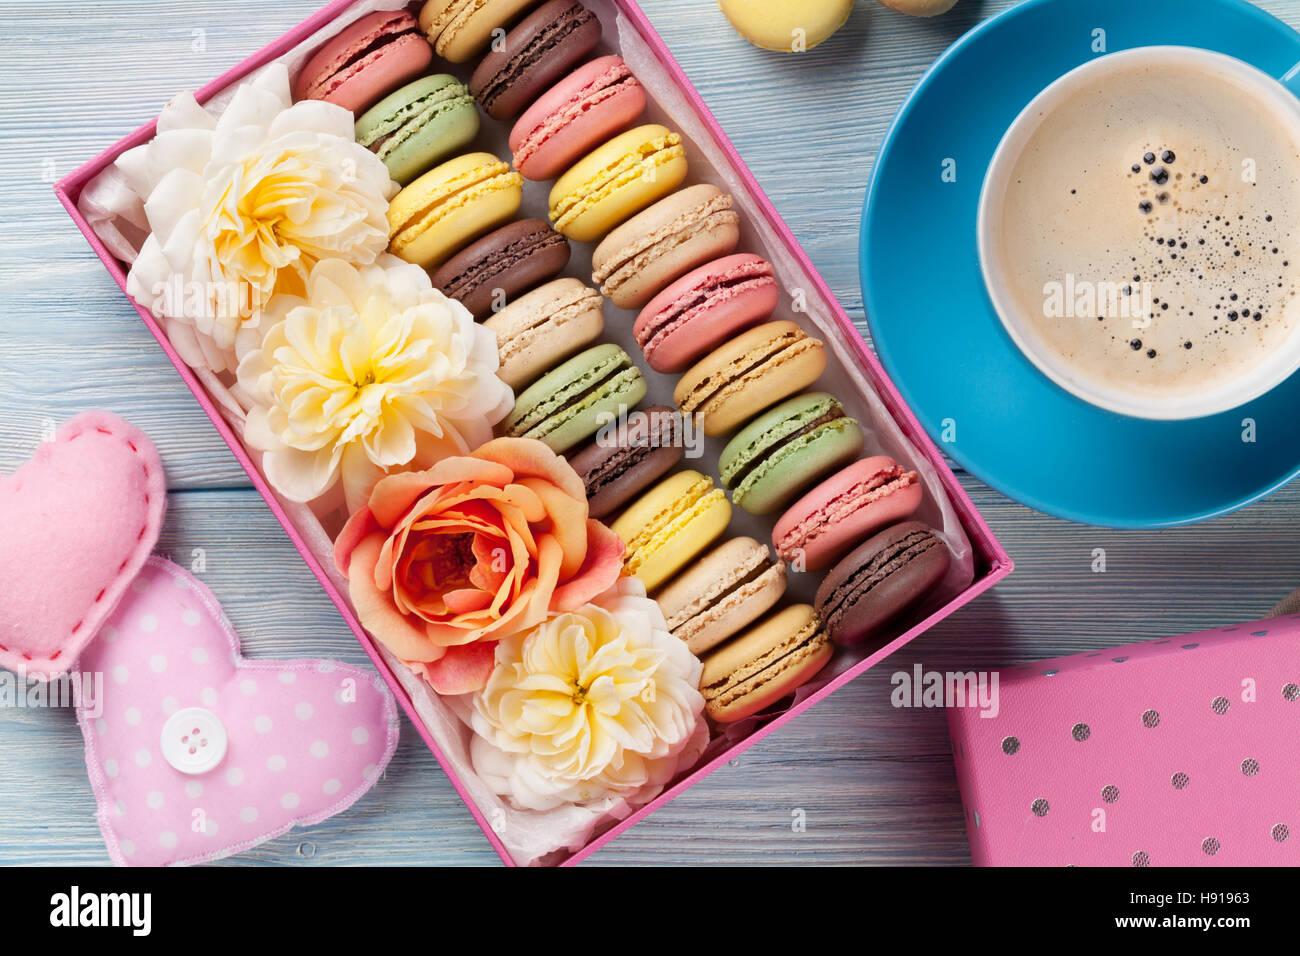 Macarons colorés et café sur table en bois. Macarons sucrés en boîte-cadeau et des coeurs. Vue Photo Stock